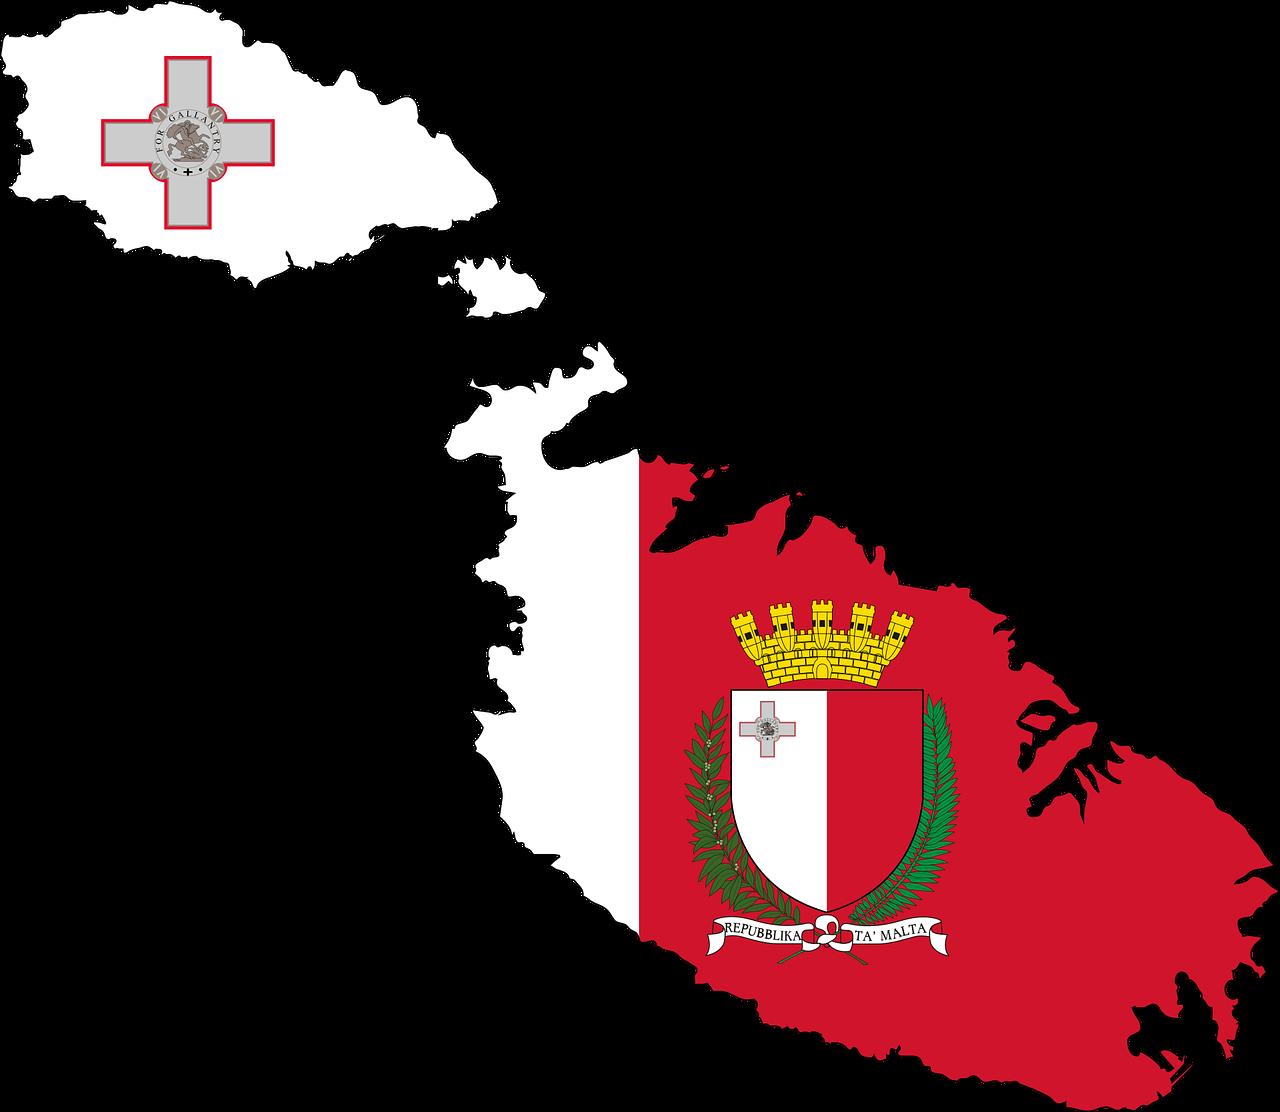 malta-1758834_1280.png